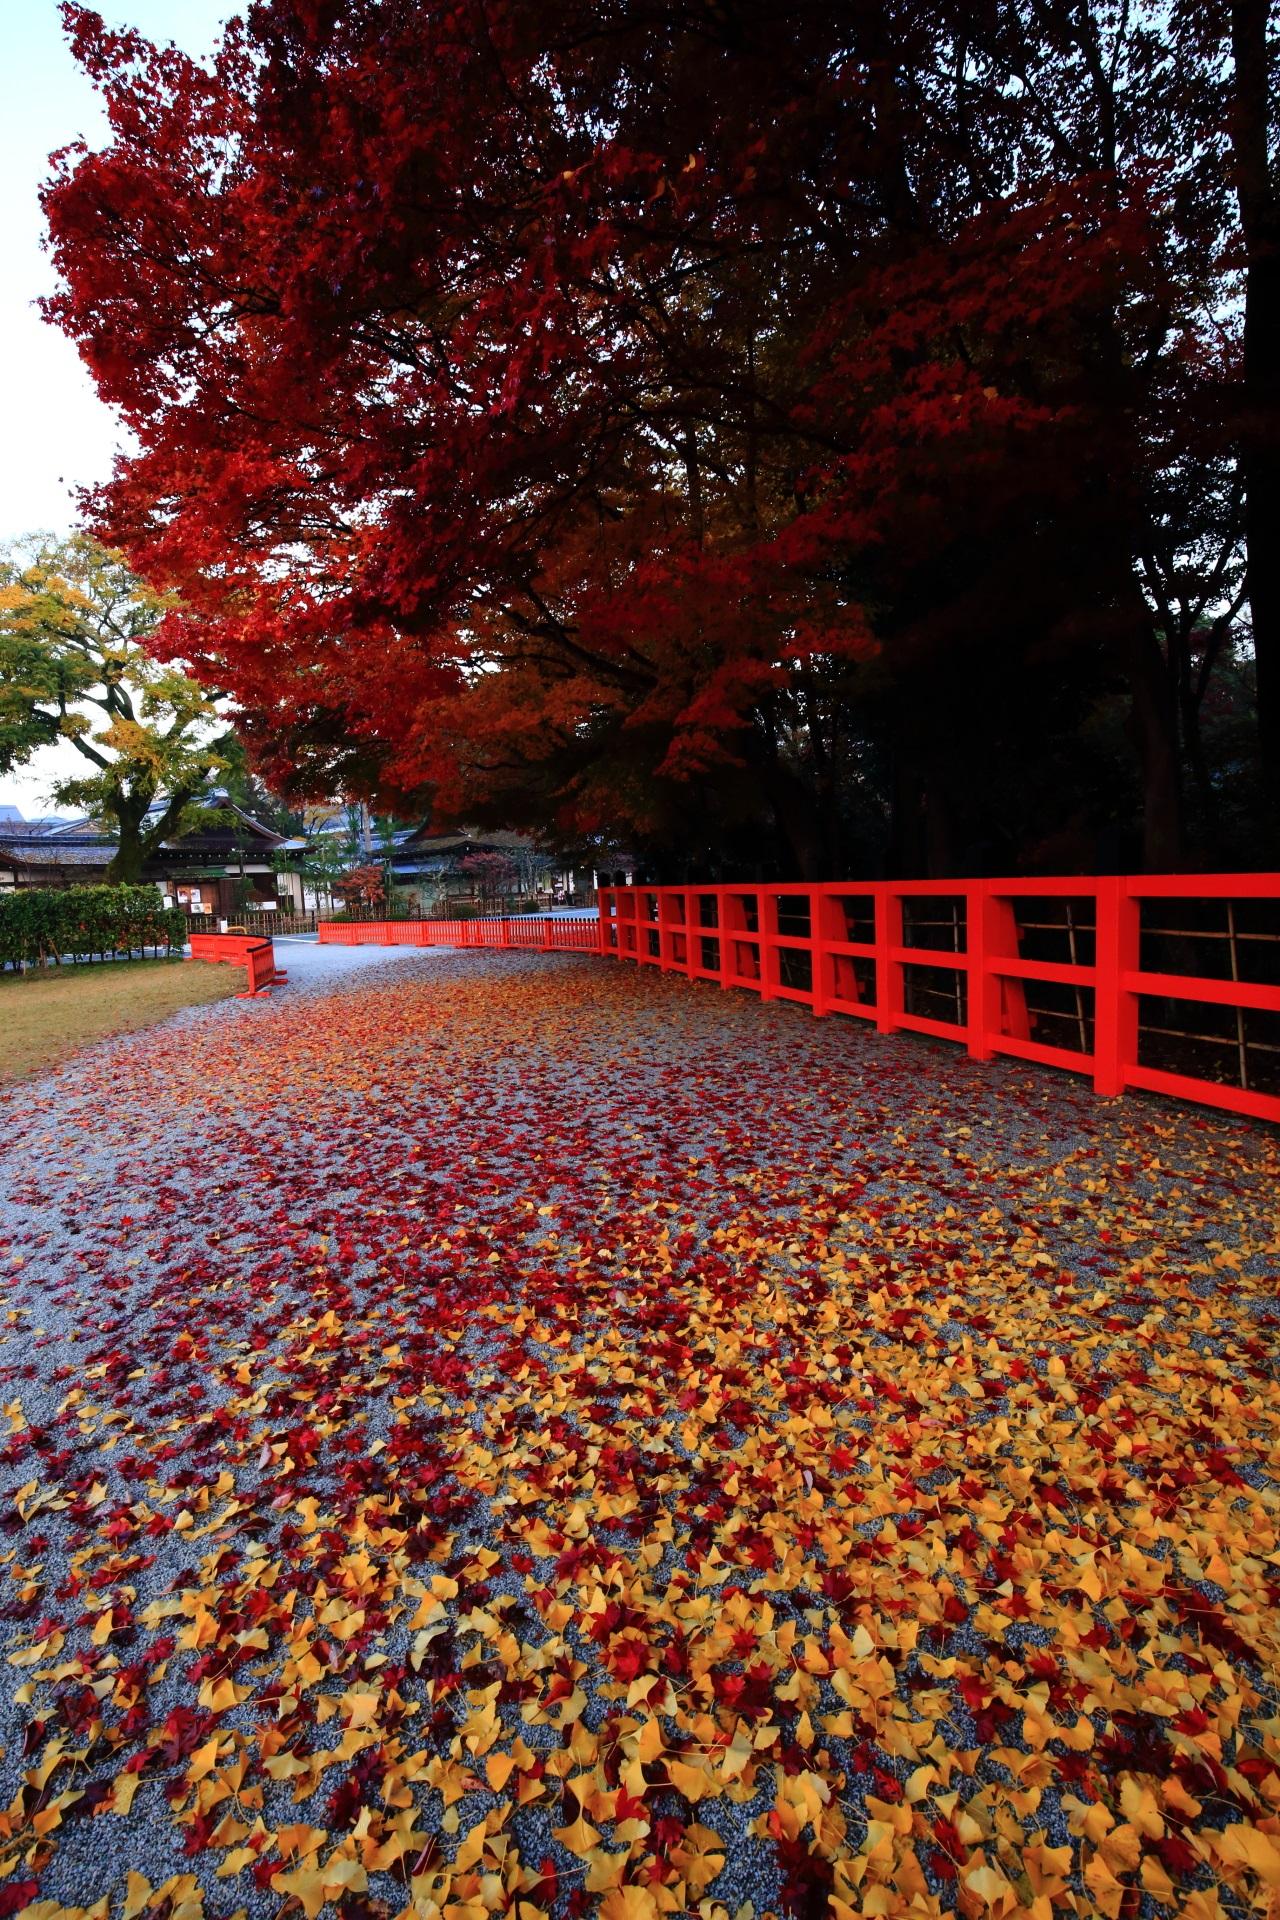 上賀茂神社の他では見られないような最高の秋の情景